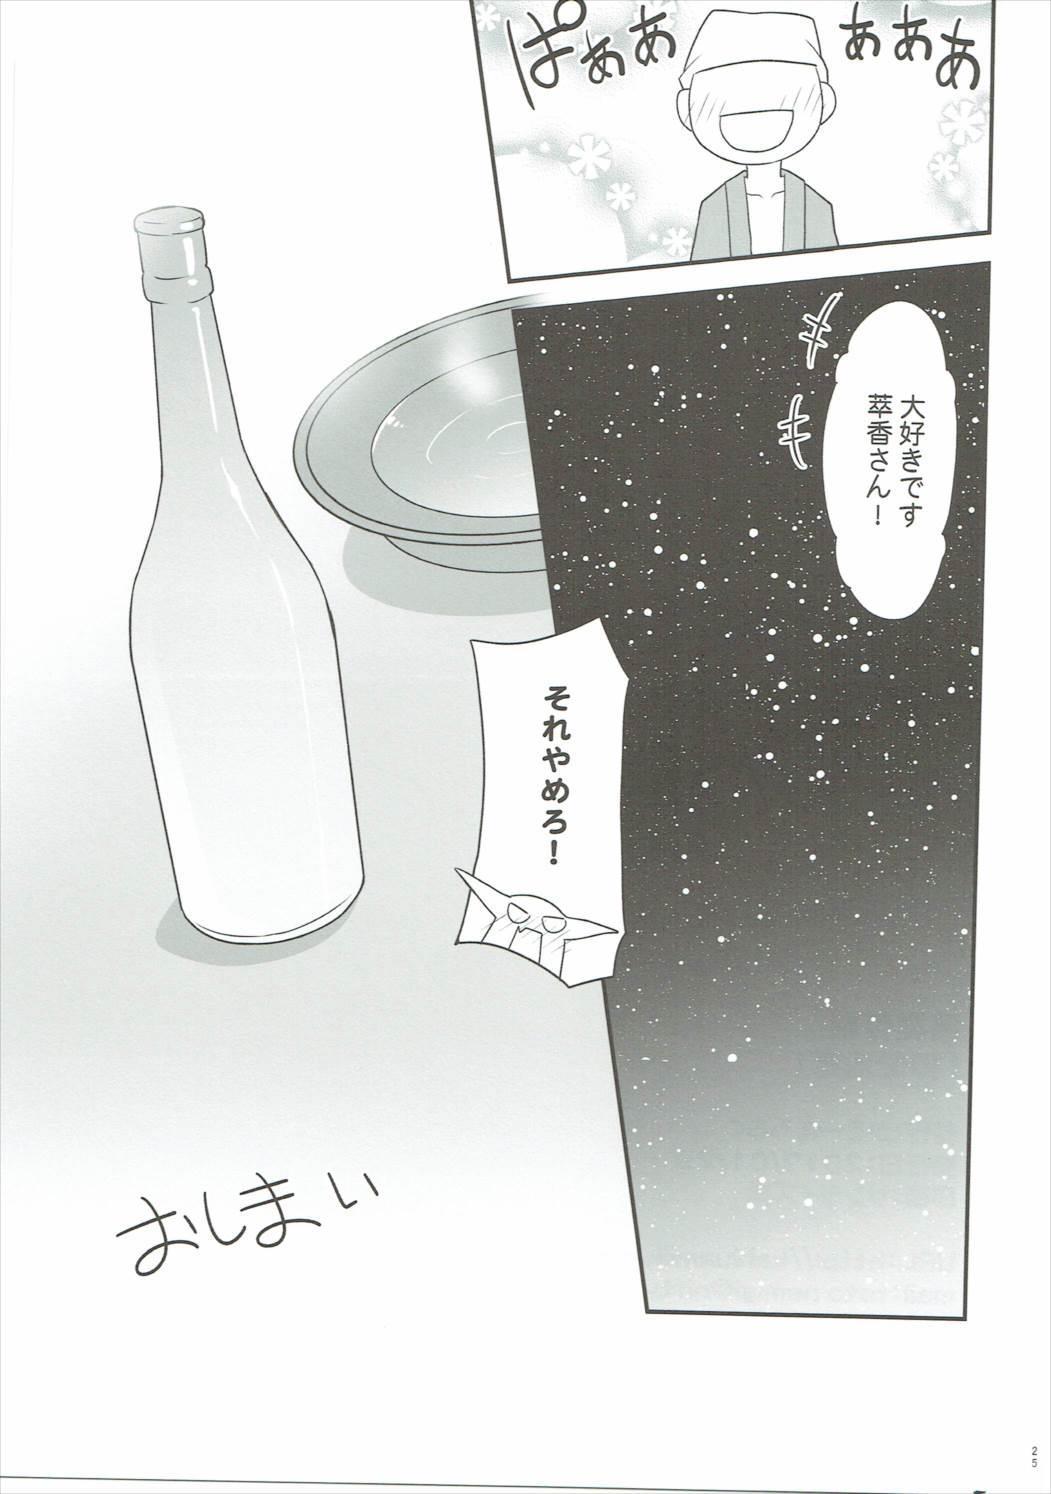 【東方 エロ漫画・エロ同人】特別な酒で力が入らなくなってるところを店員に脱がされてザーメン中出しwwwww (24)